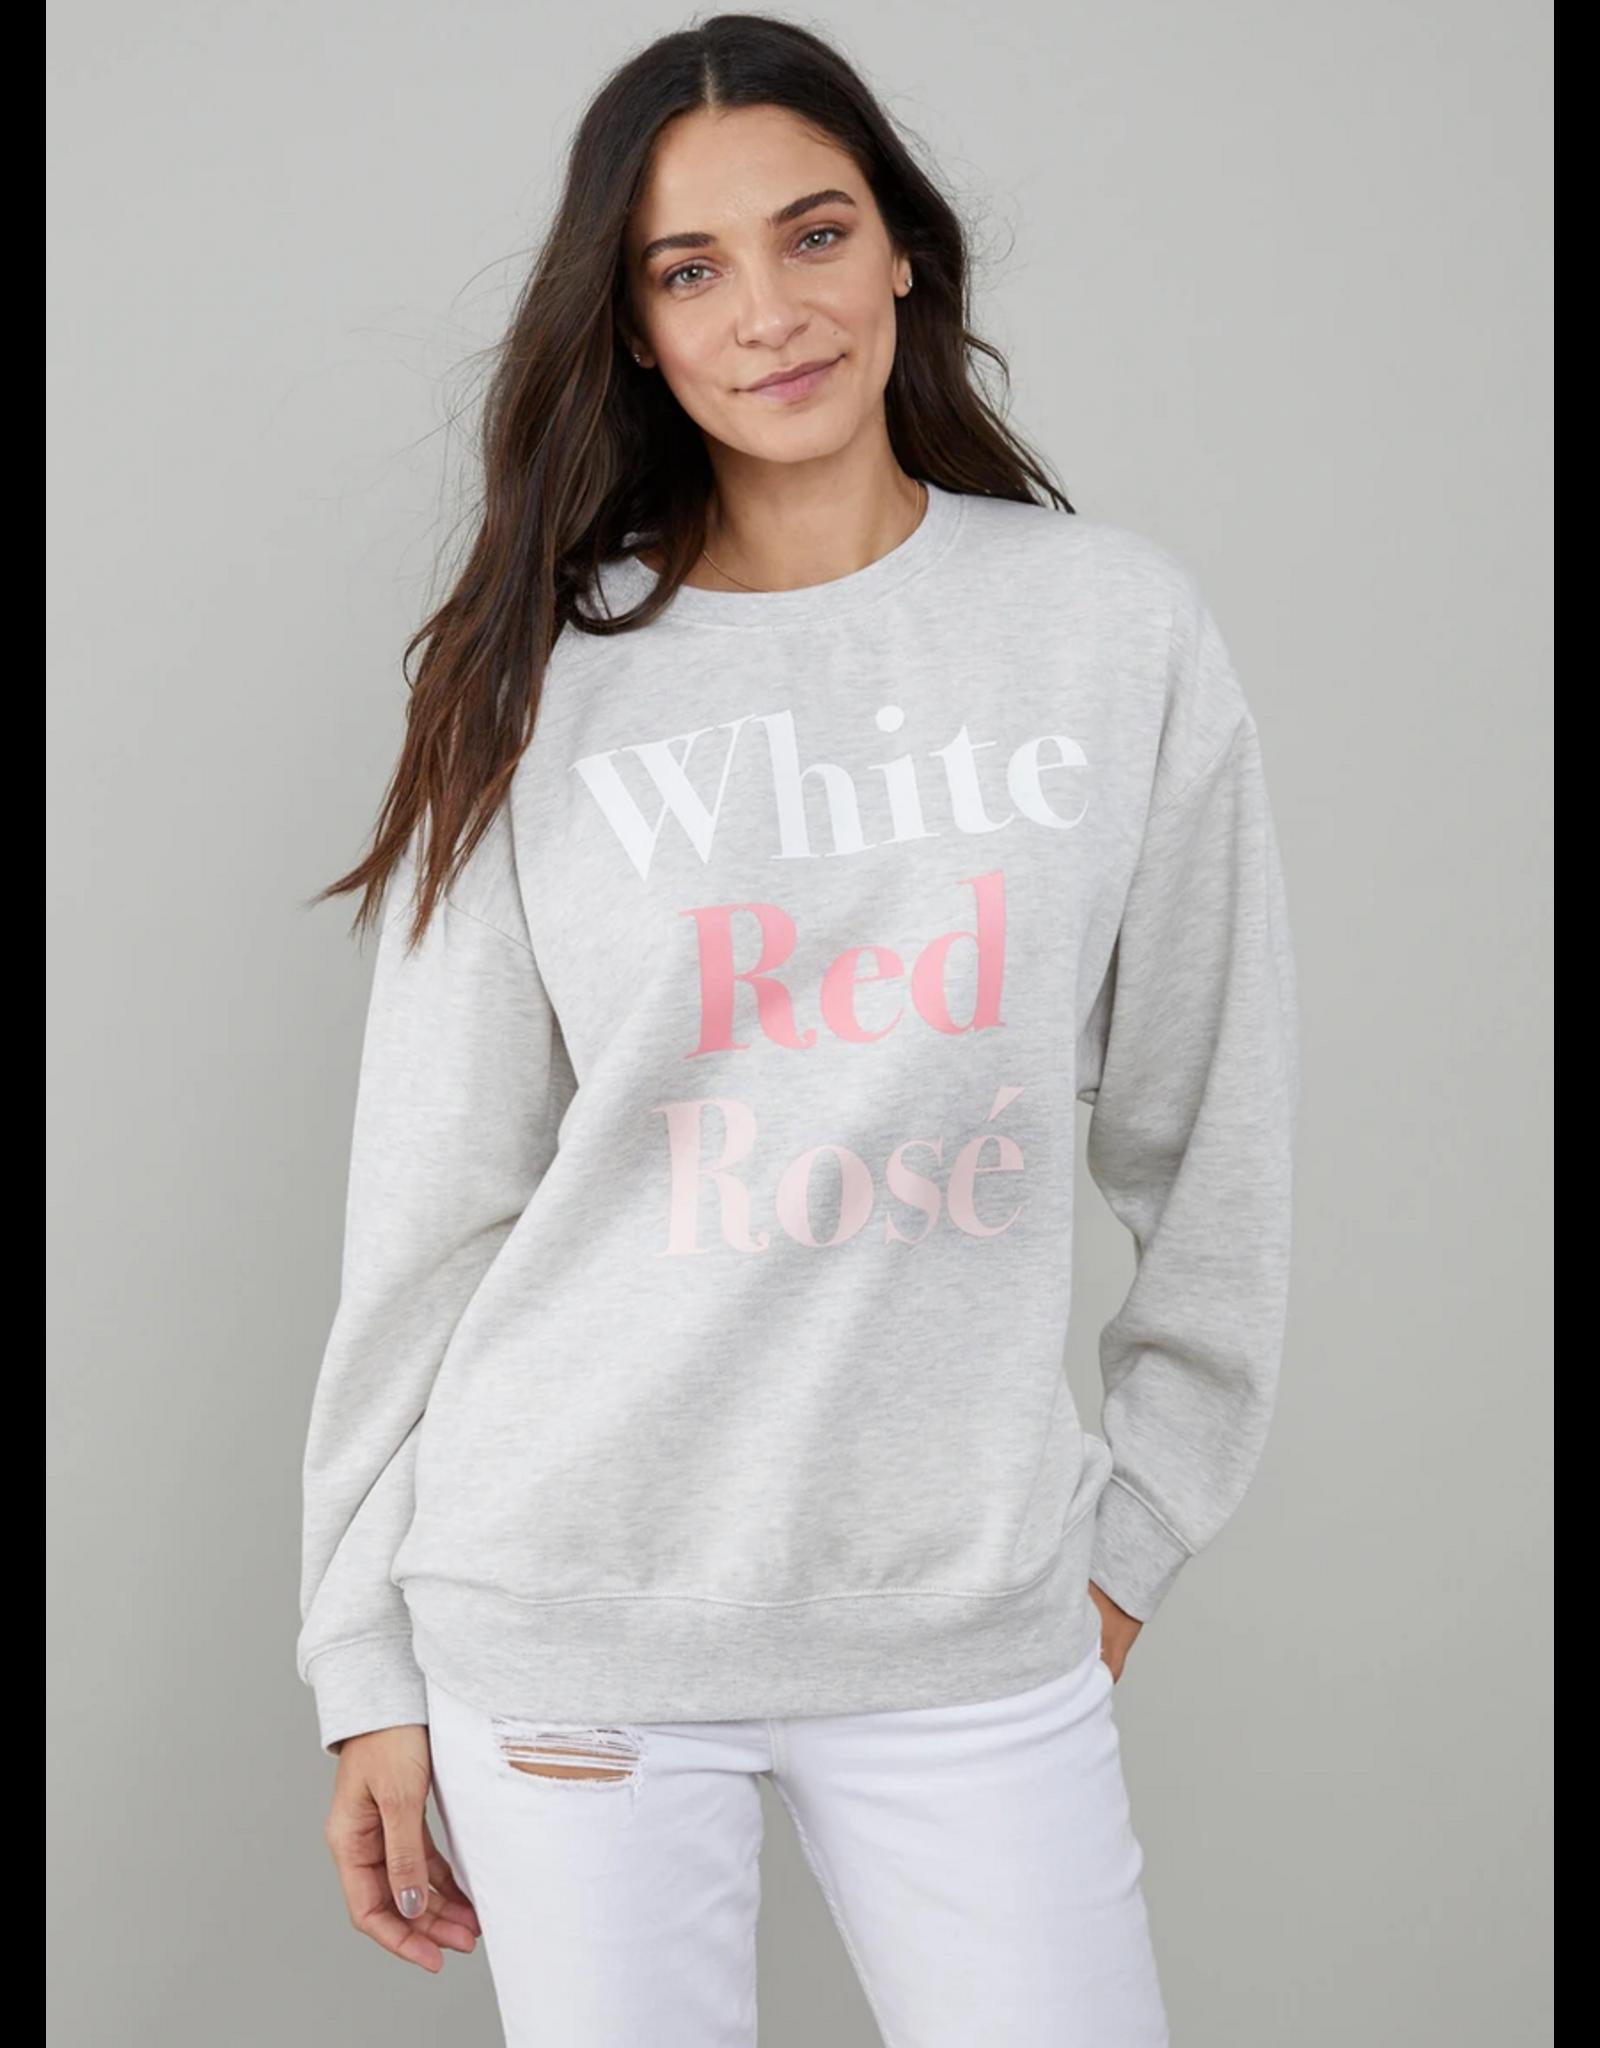 South Parade White/Red/Rose Sweatshirt